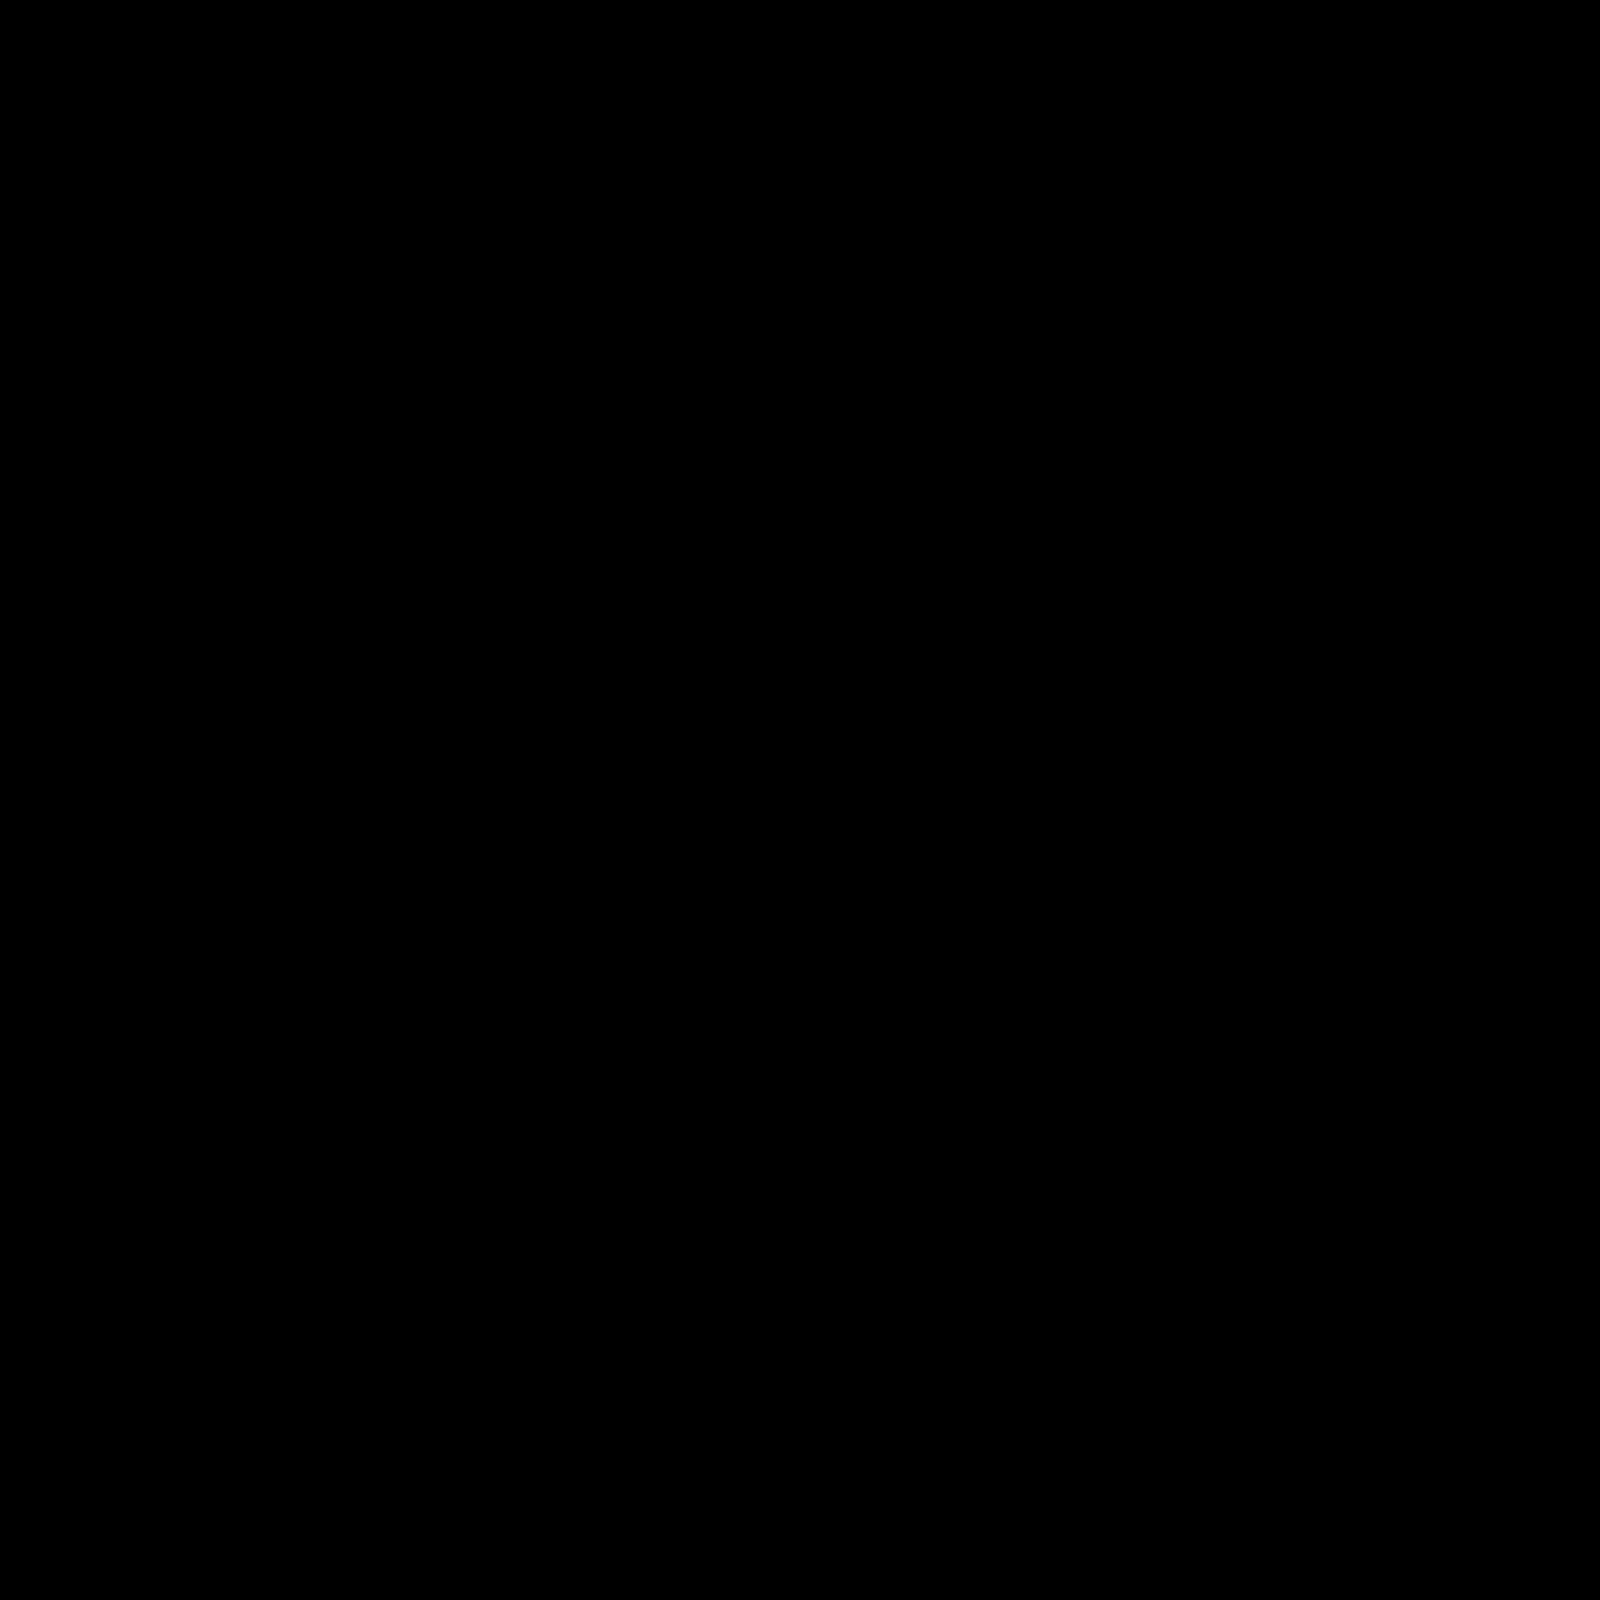 Poprzednia lokalizacja icon